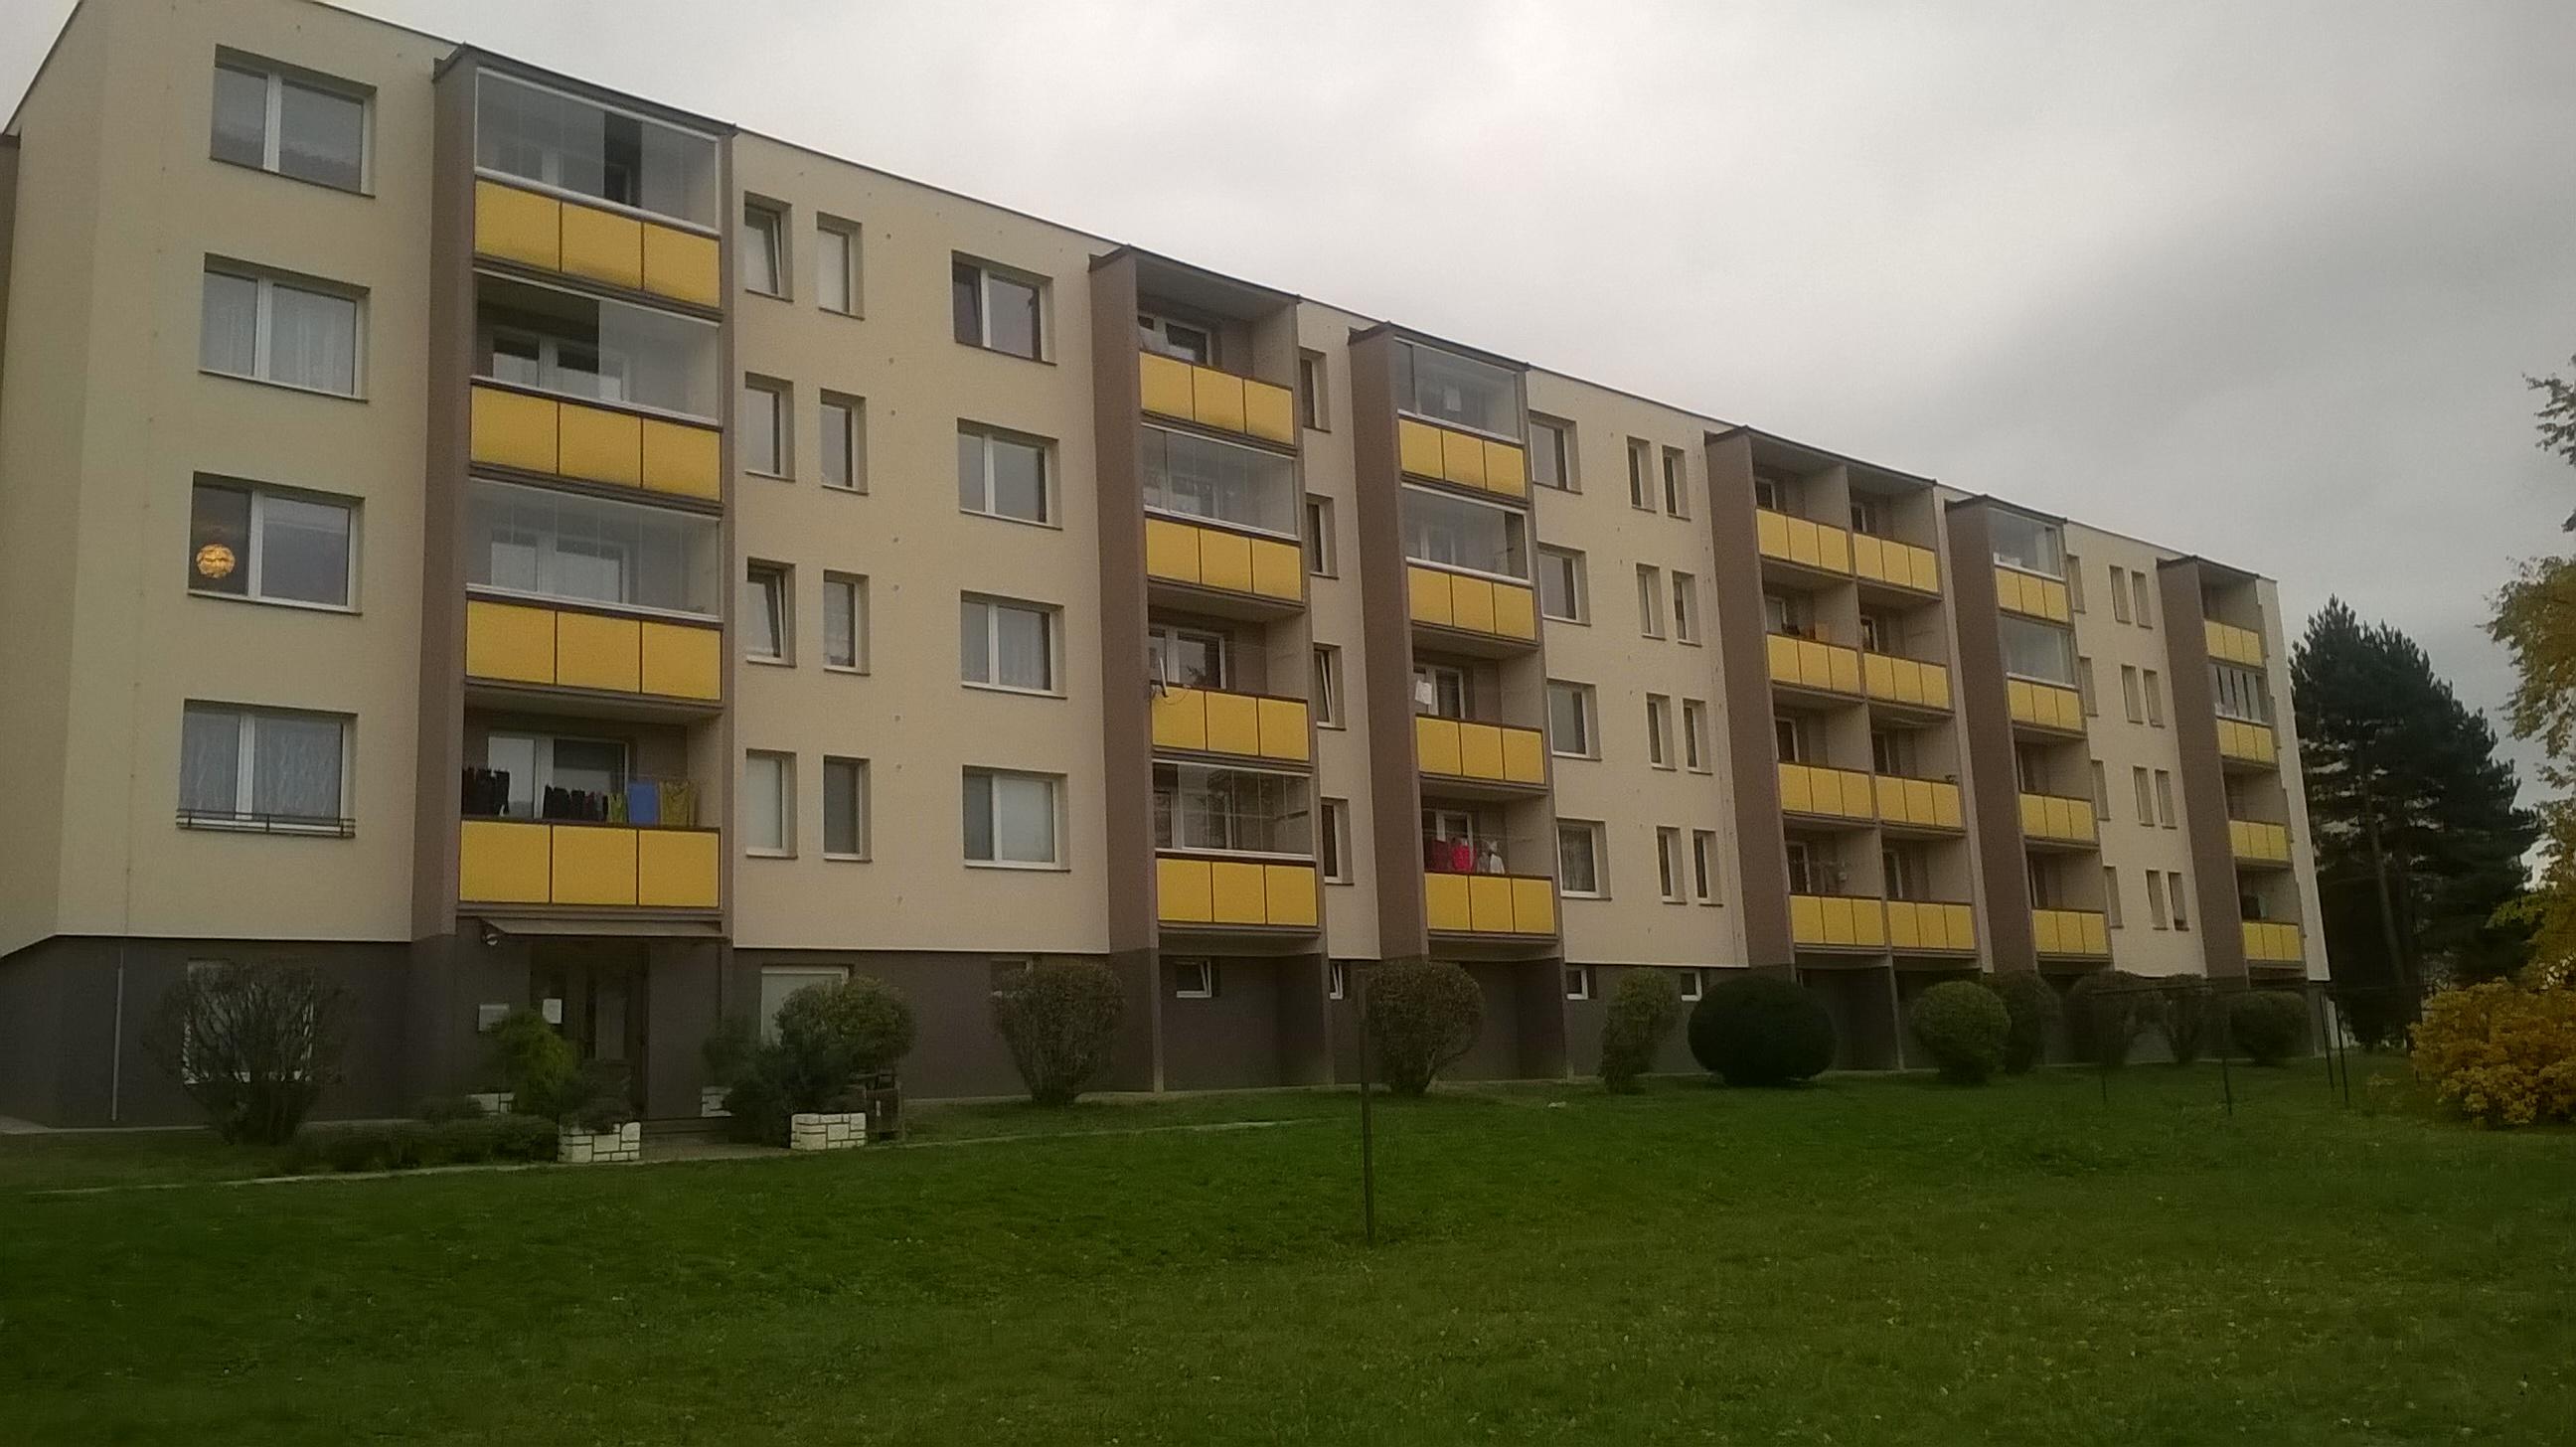 Schválené bytové domy v Zubří a ve Valašském Meziříčí